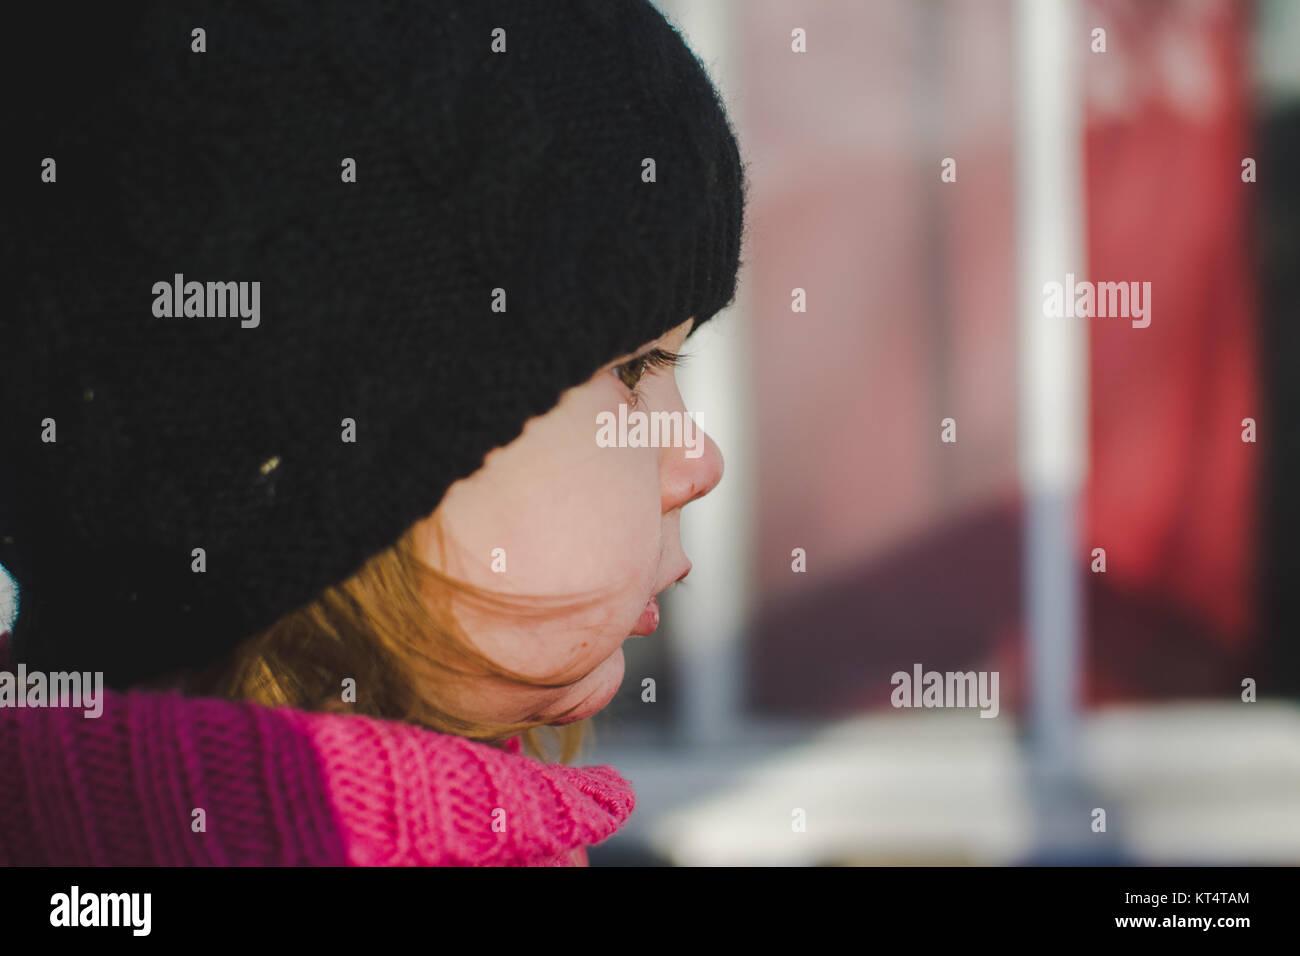 Close up di un bimbo a fronte indossando un cappello invernale. Immagini Stock